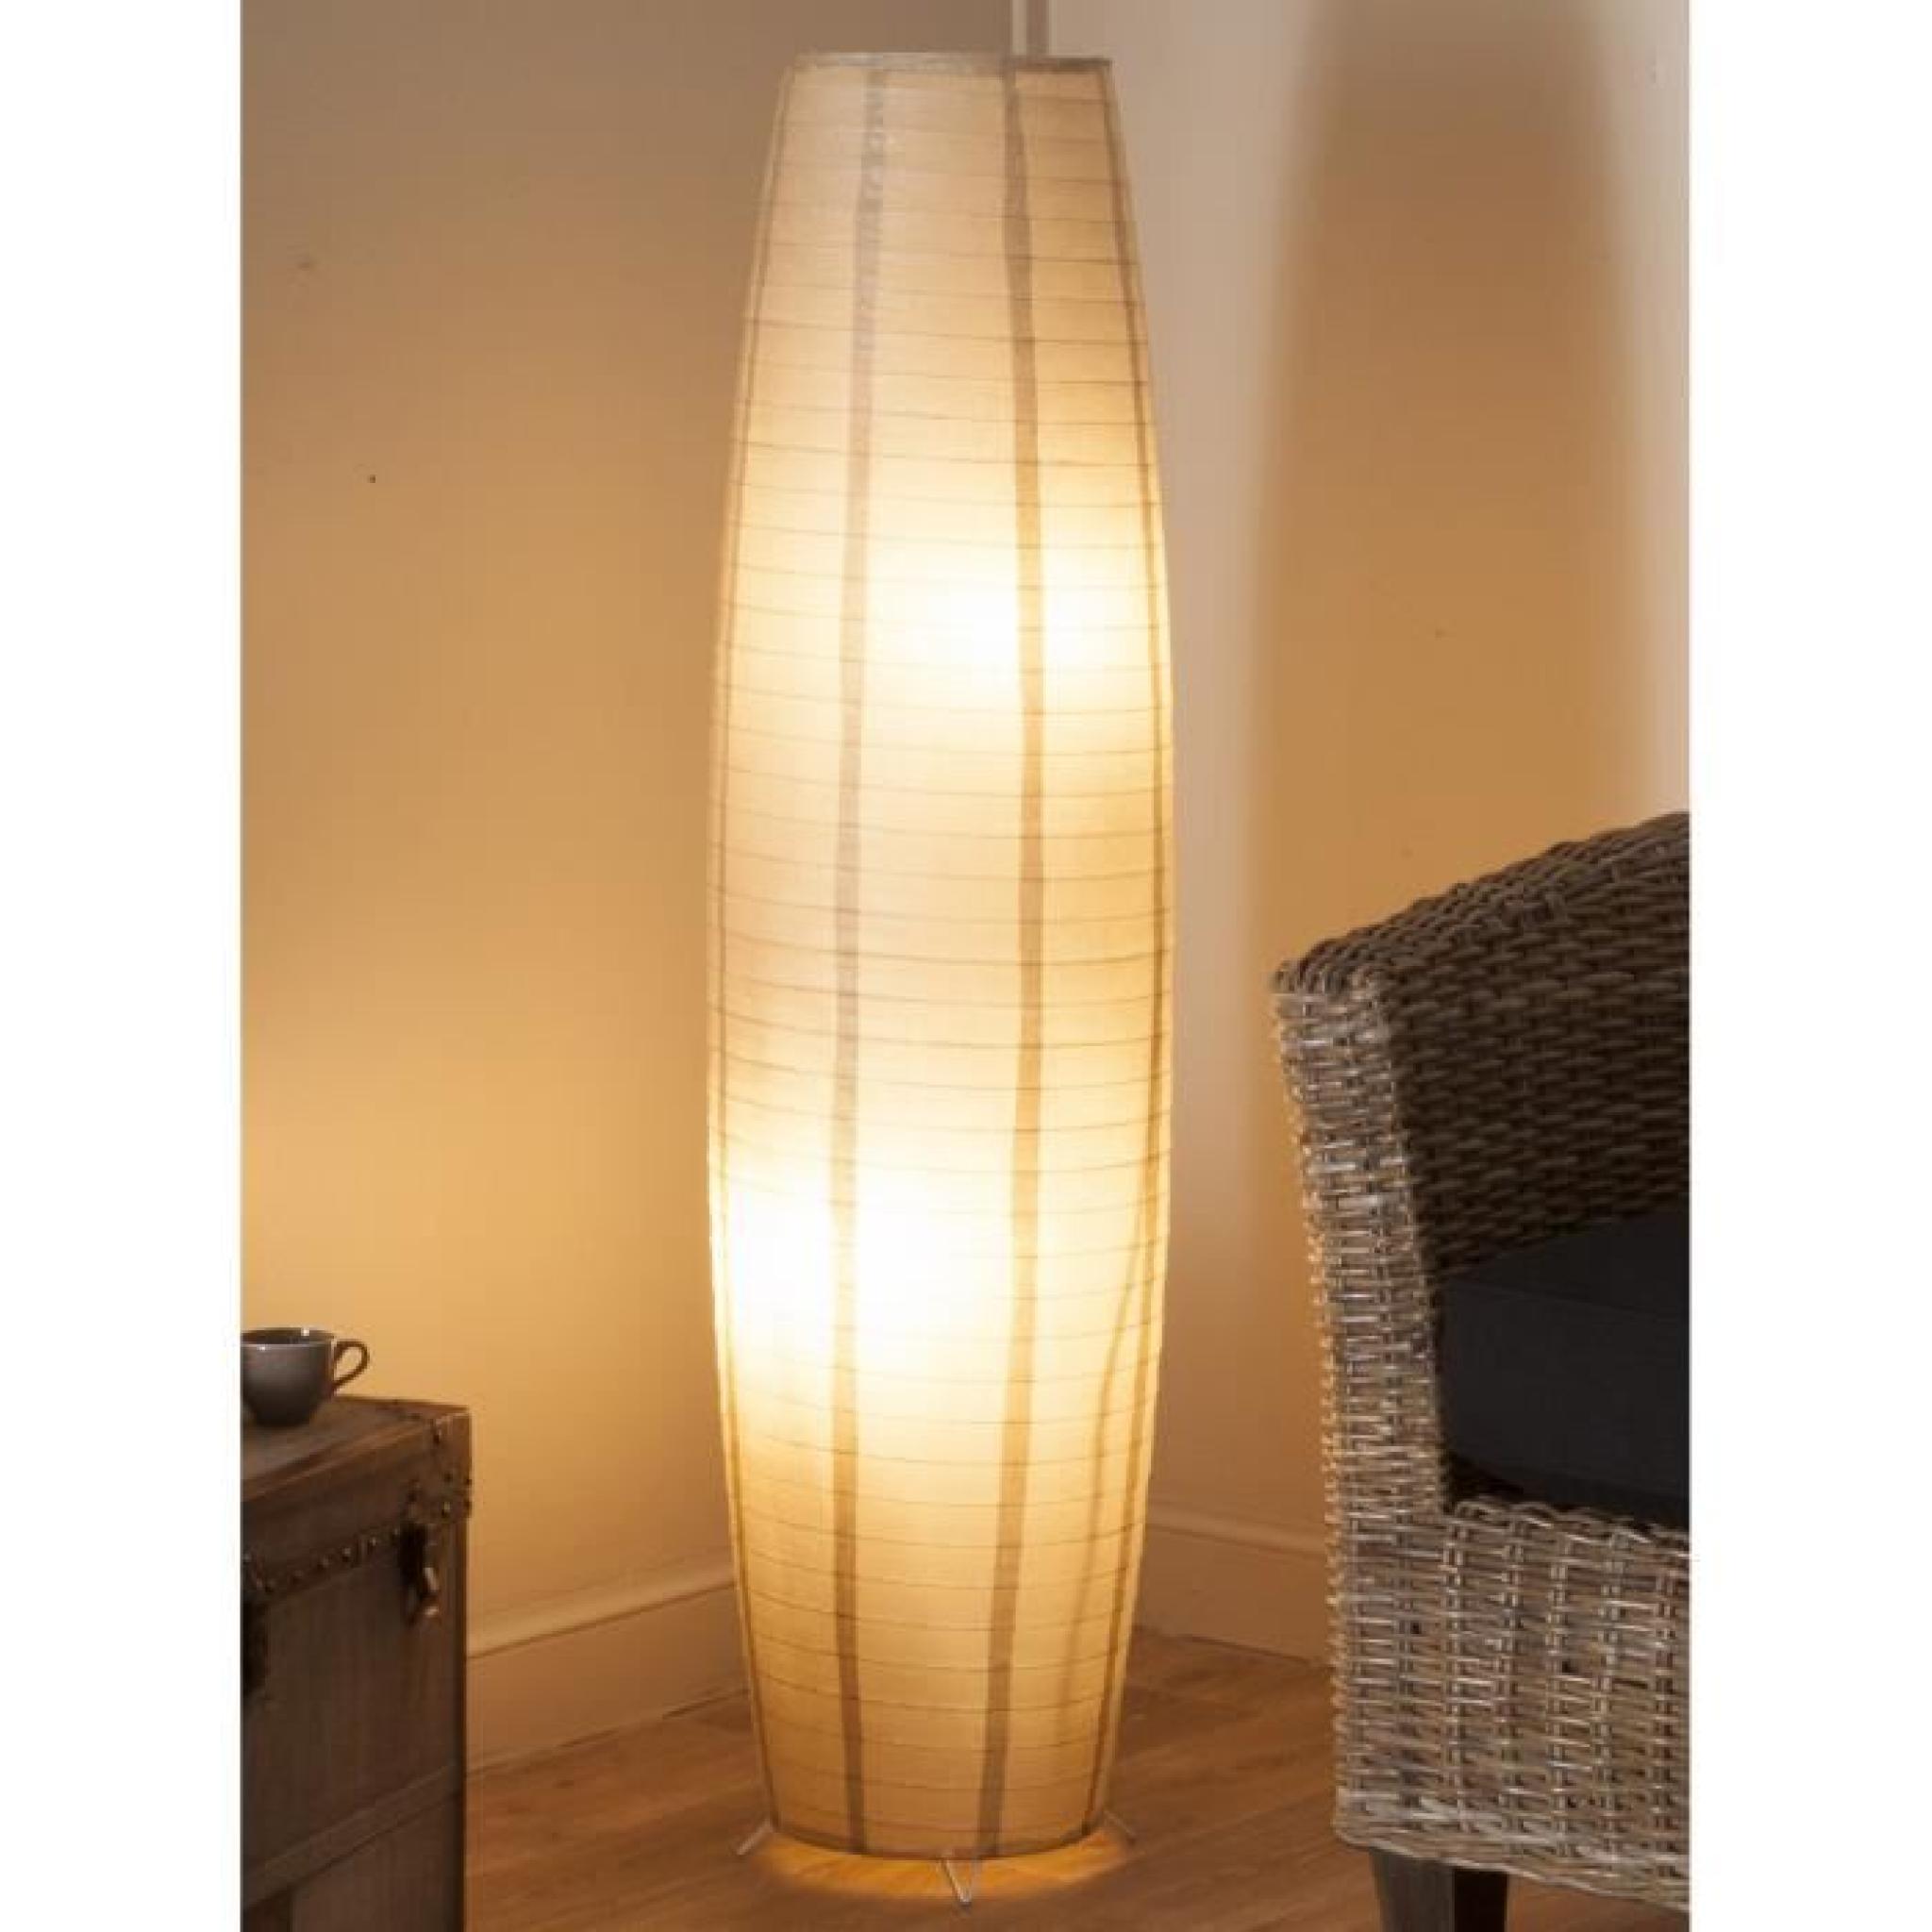 lampadaire papier de riz taupe hauteur 130cm achat. Black Bedroom Furniture Sets. Home Design Ideas